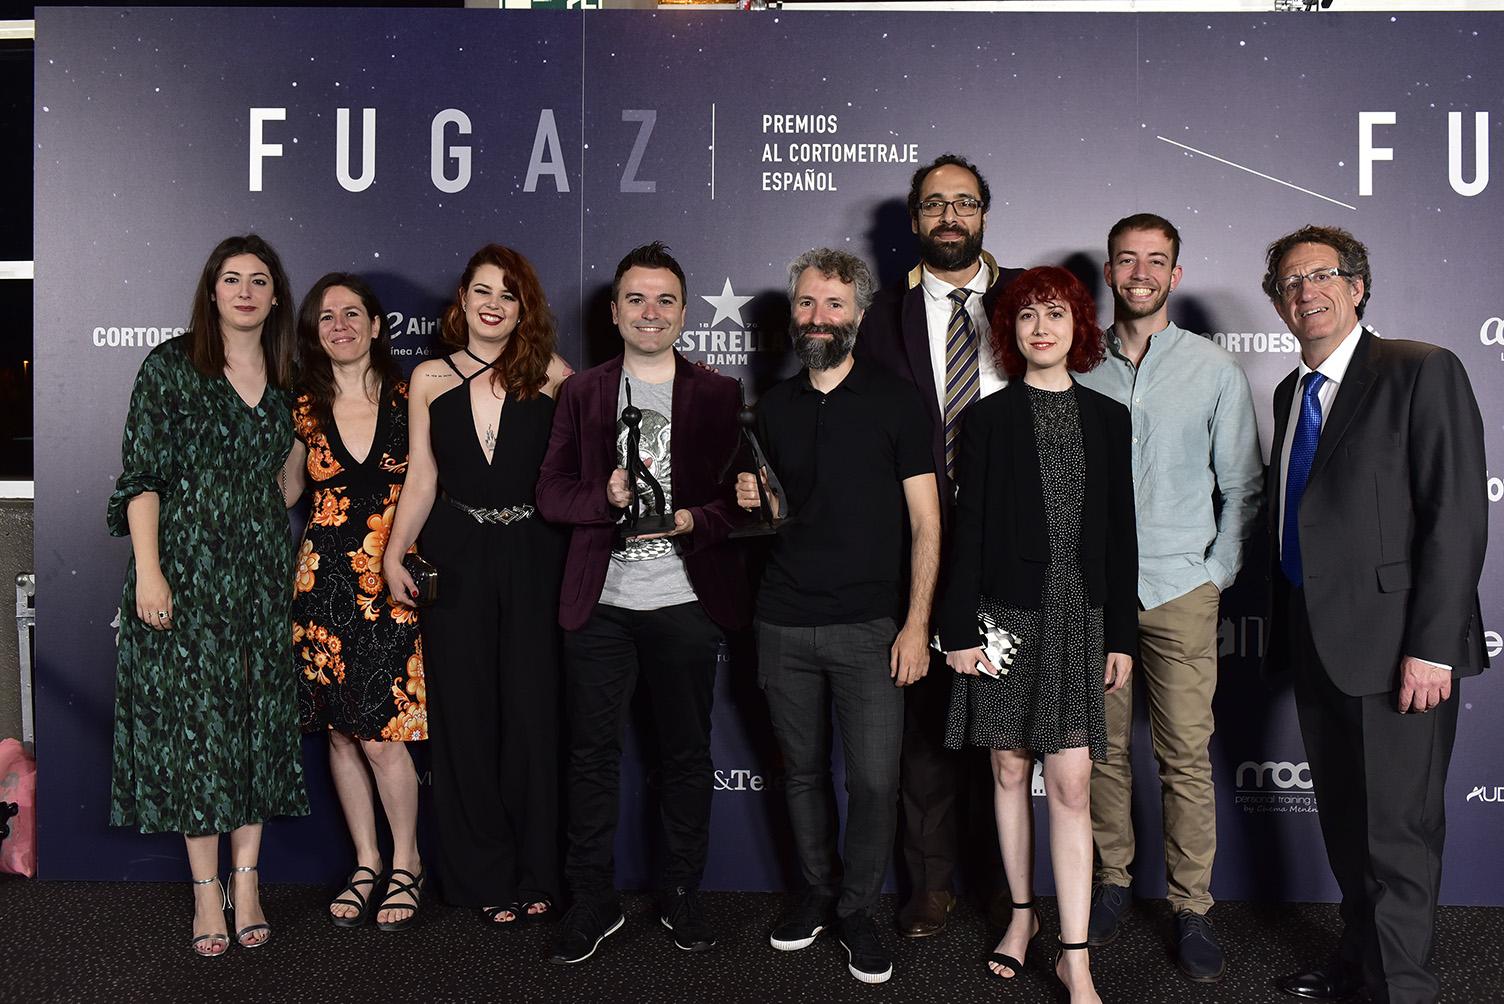 Los Premios Fugaz 2019 conceden sus premios